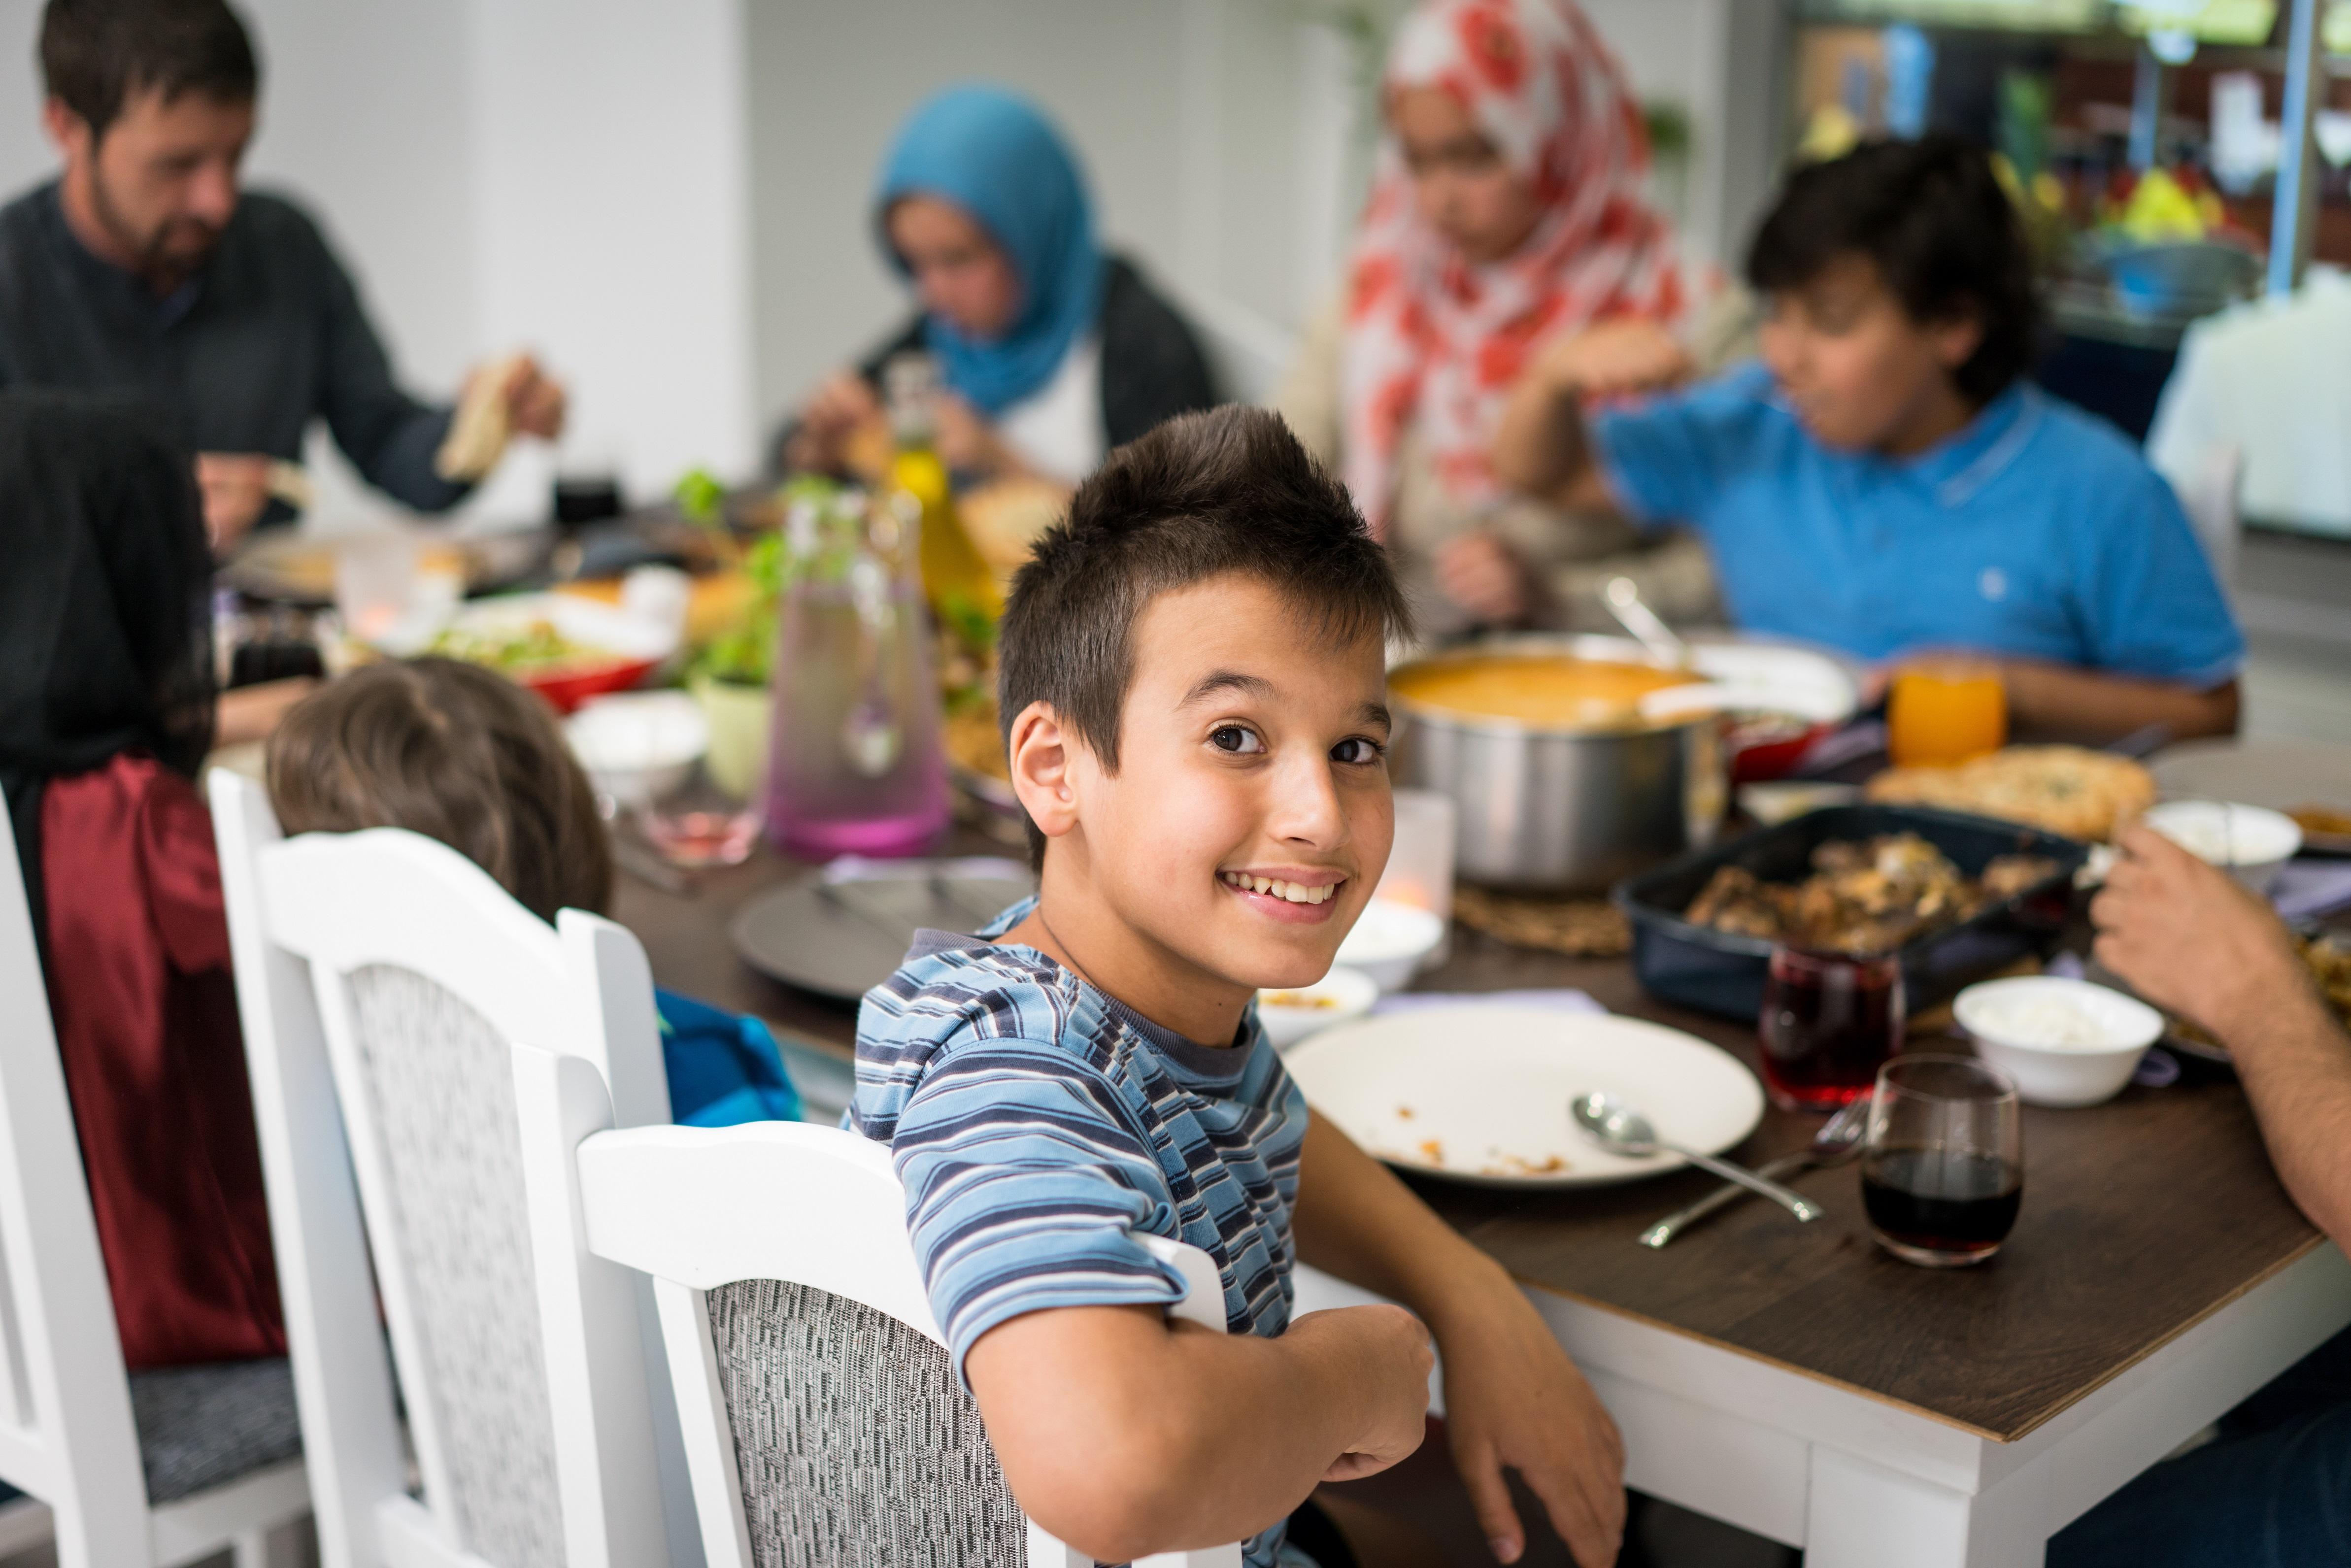 Verband startet Ramadan-Aktion